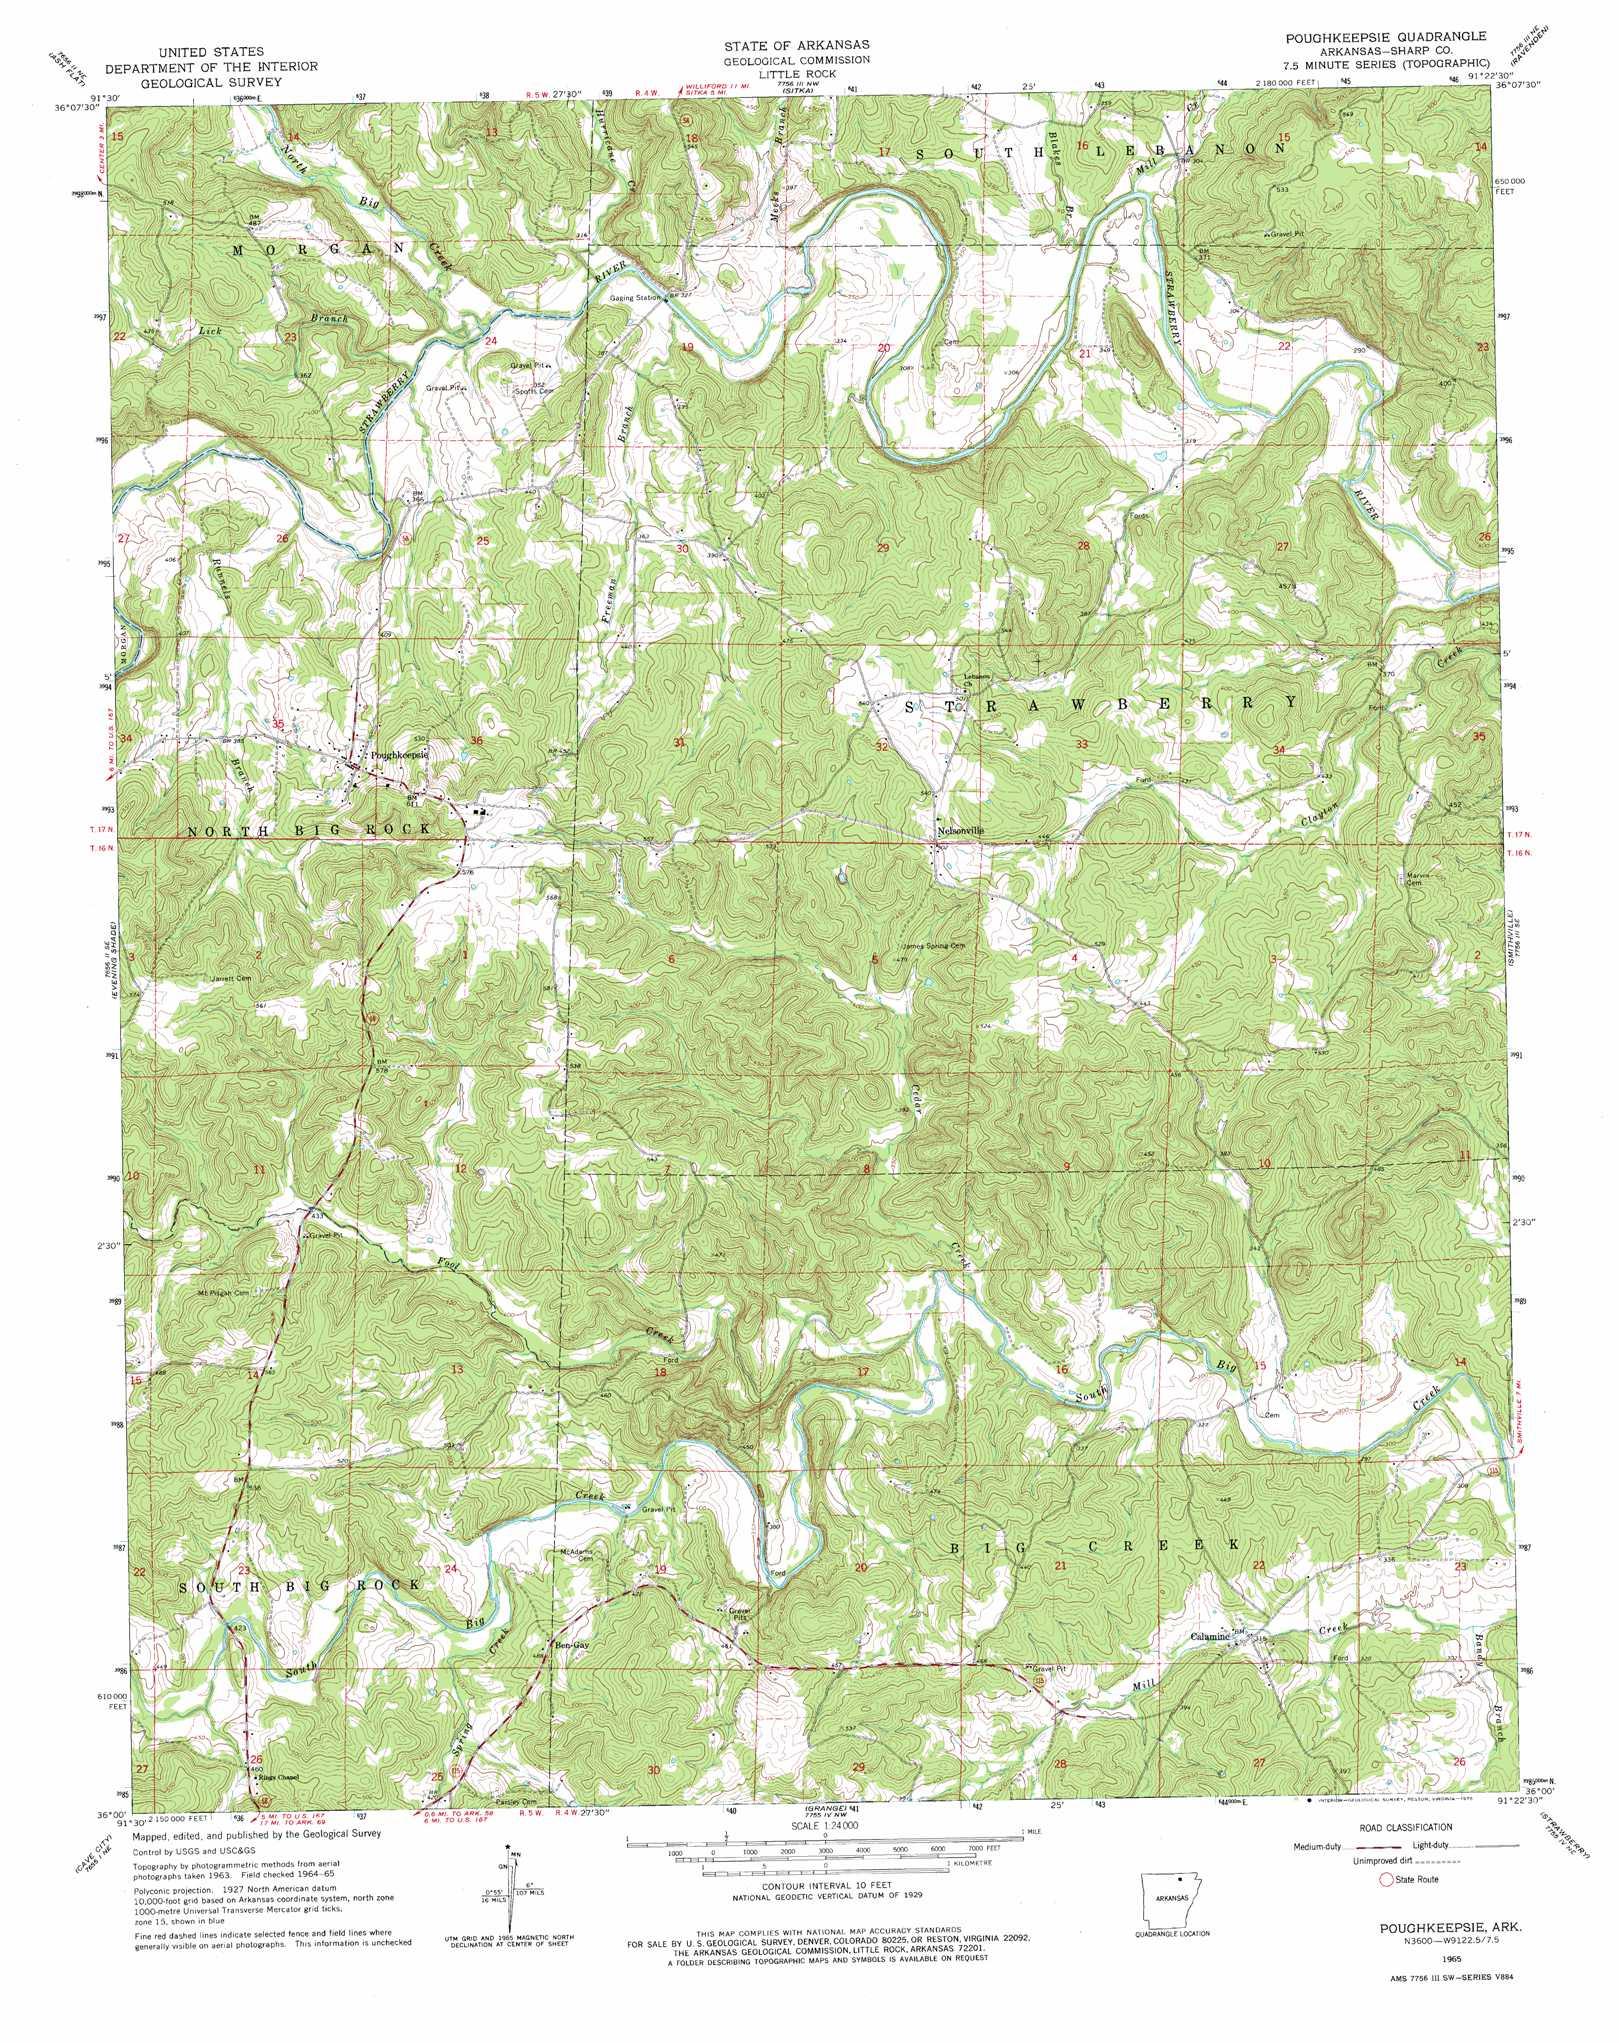 Poughkeepsie topographic map, AR - USGS Topo Quad 36091a4